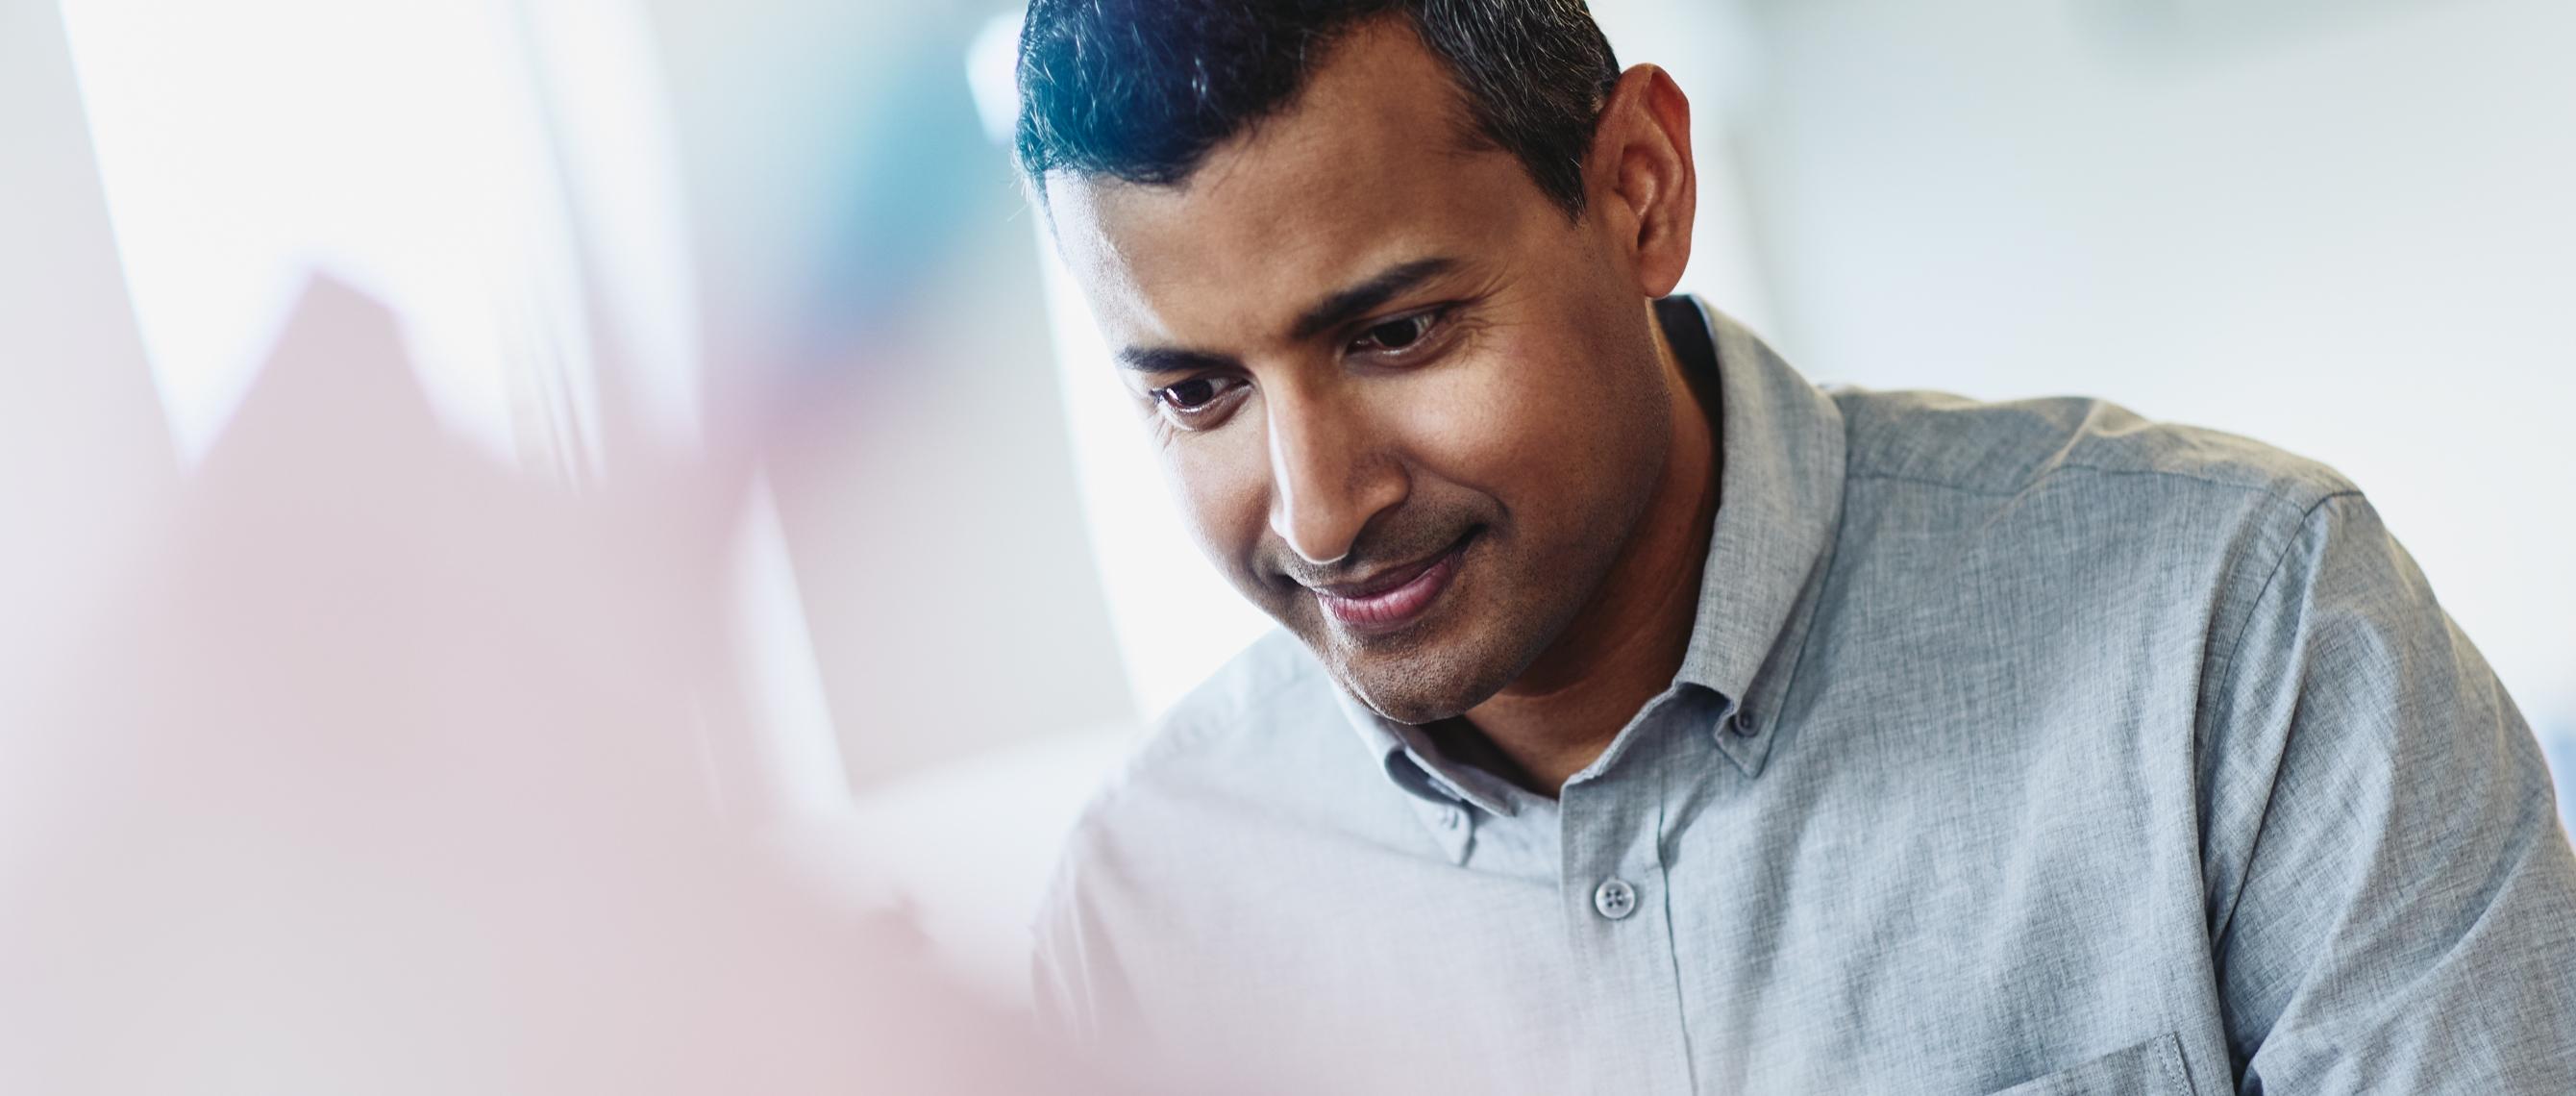 randstad open sollicitatie Jobs for native speakers | Randstad randstad open sollicitatie